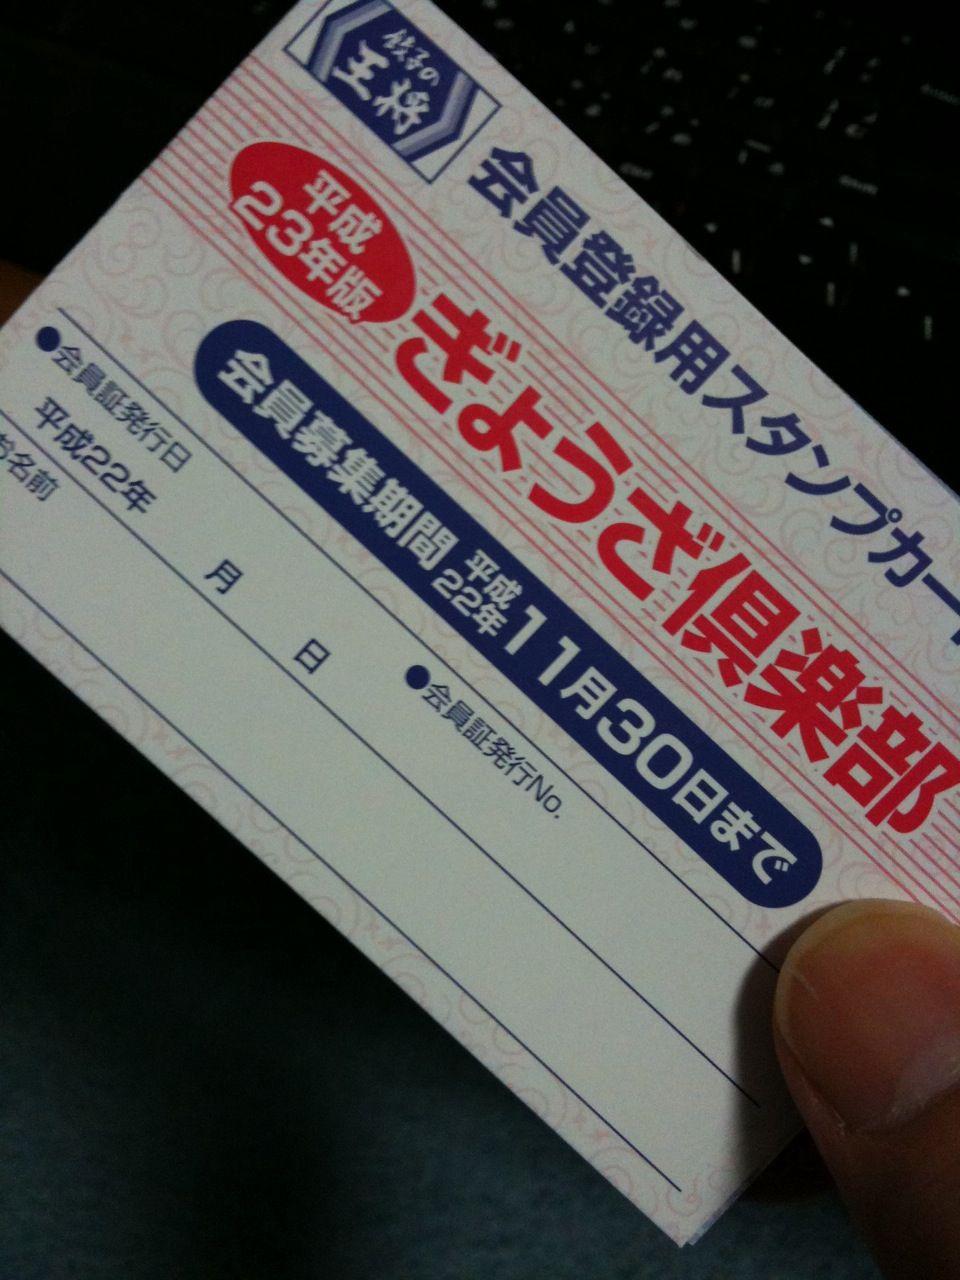 20100920_gyozaclub.jpg